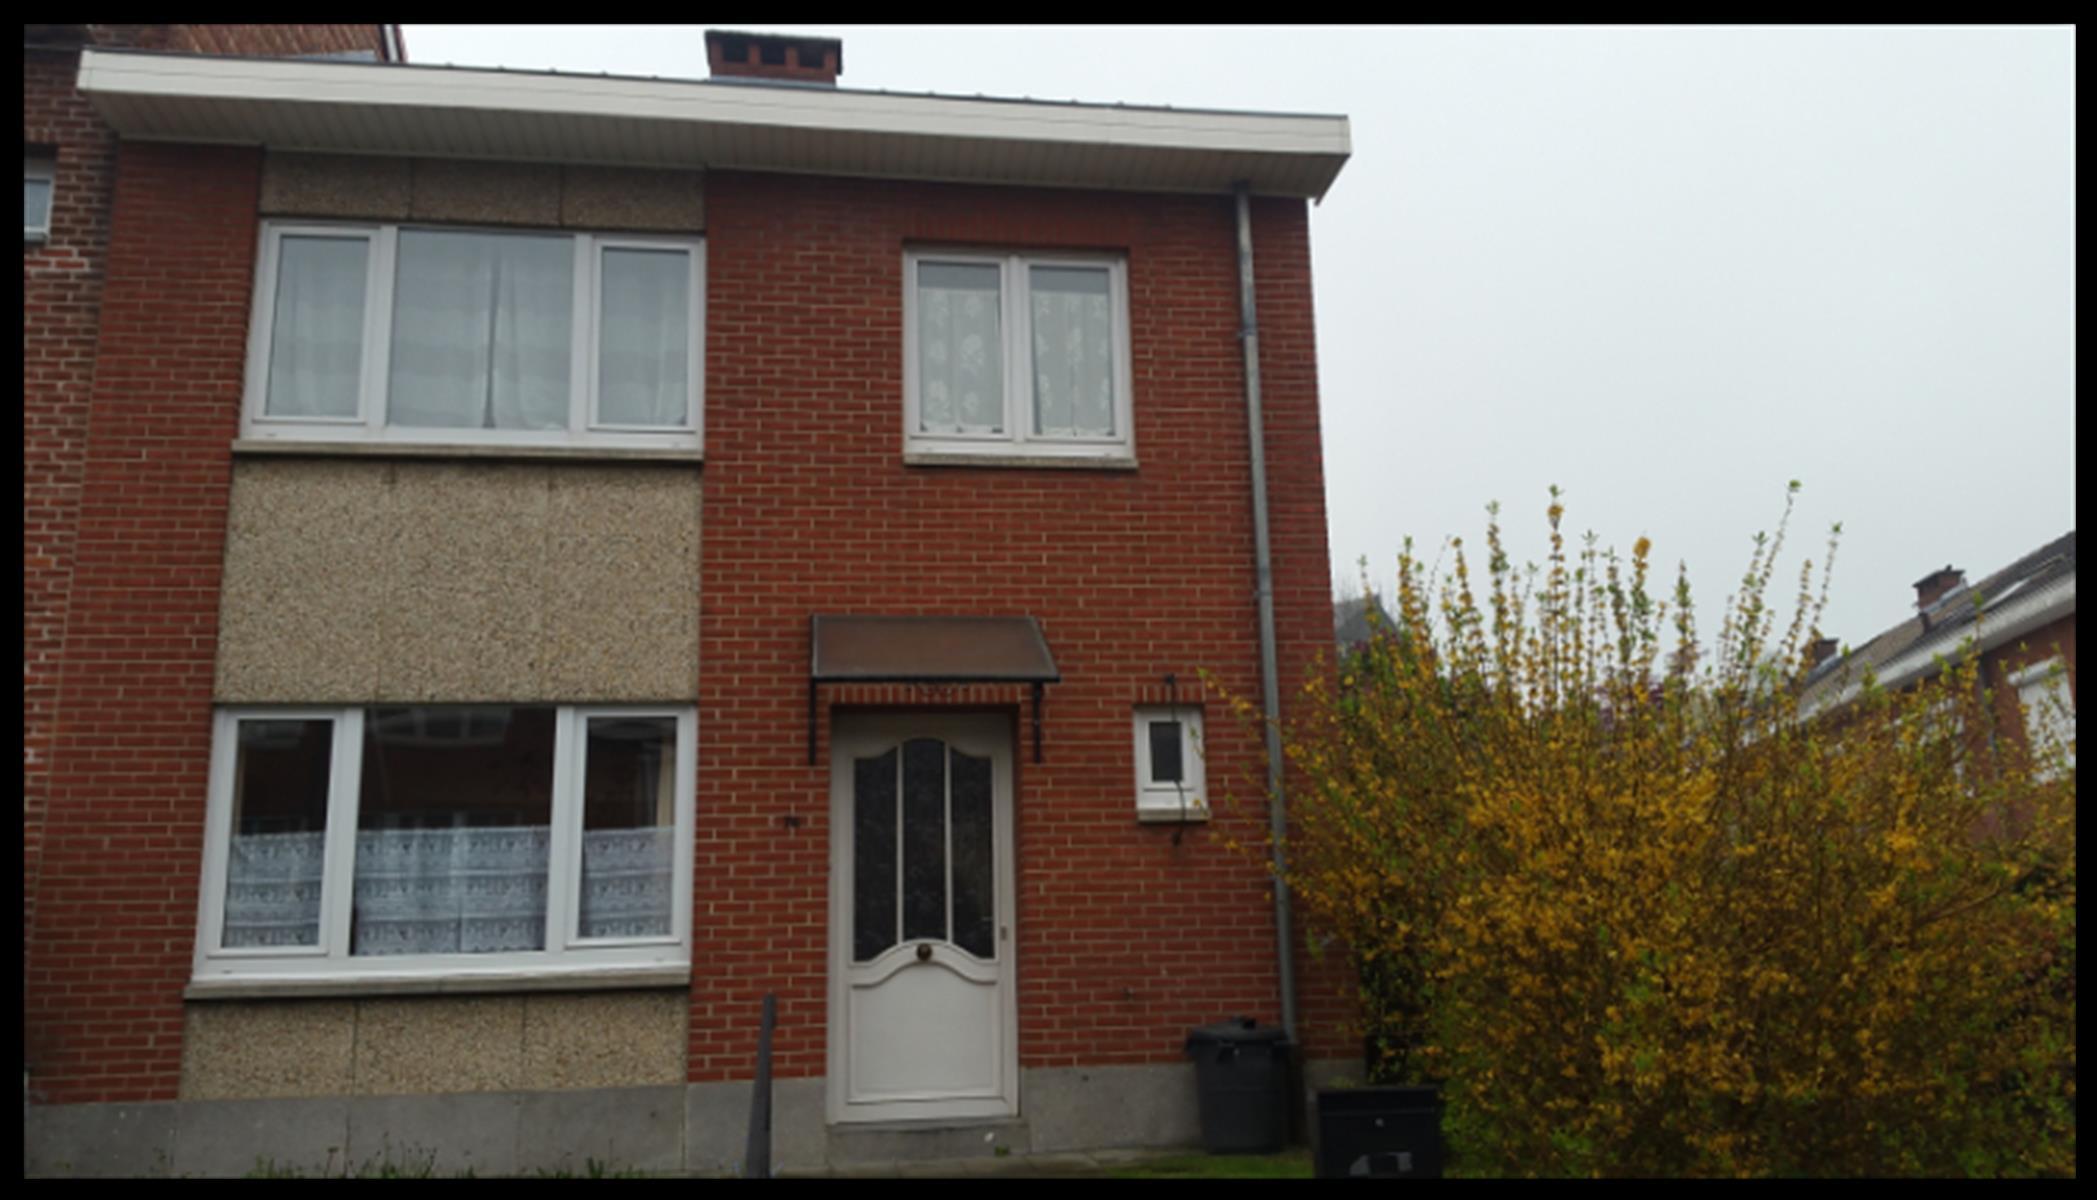 Maison - Woluwe-Saint-Pierre - #3793684-1